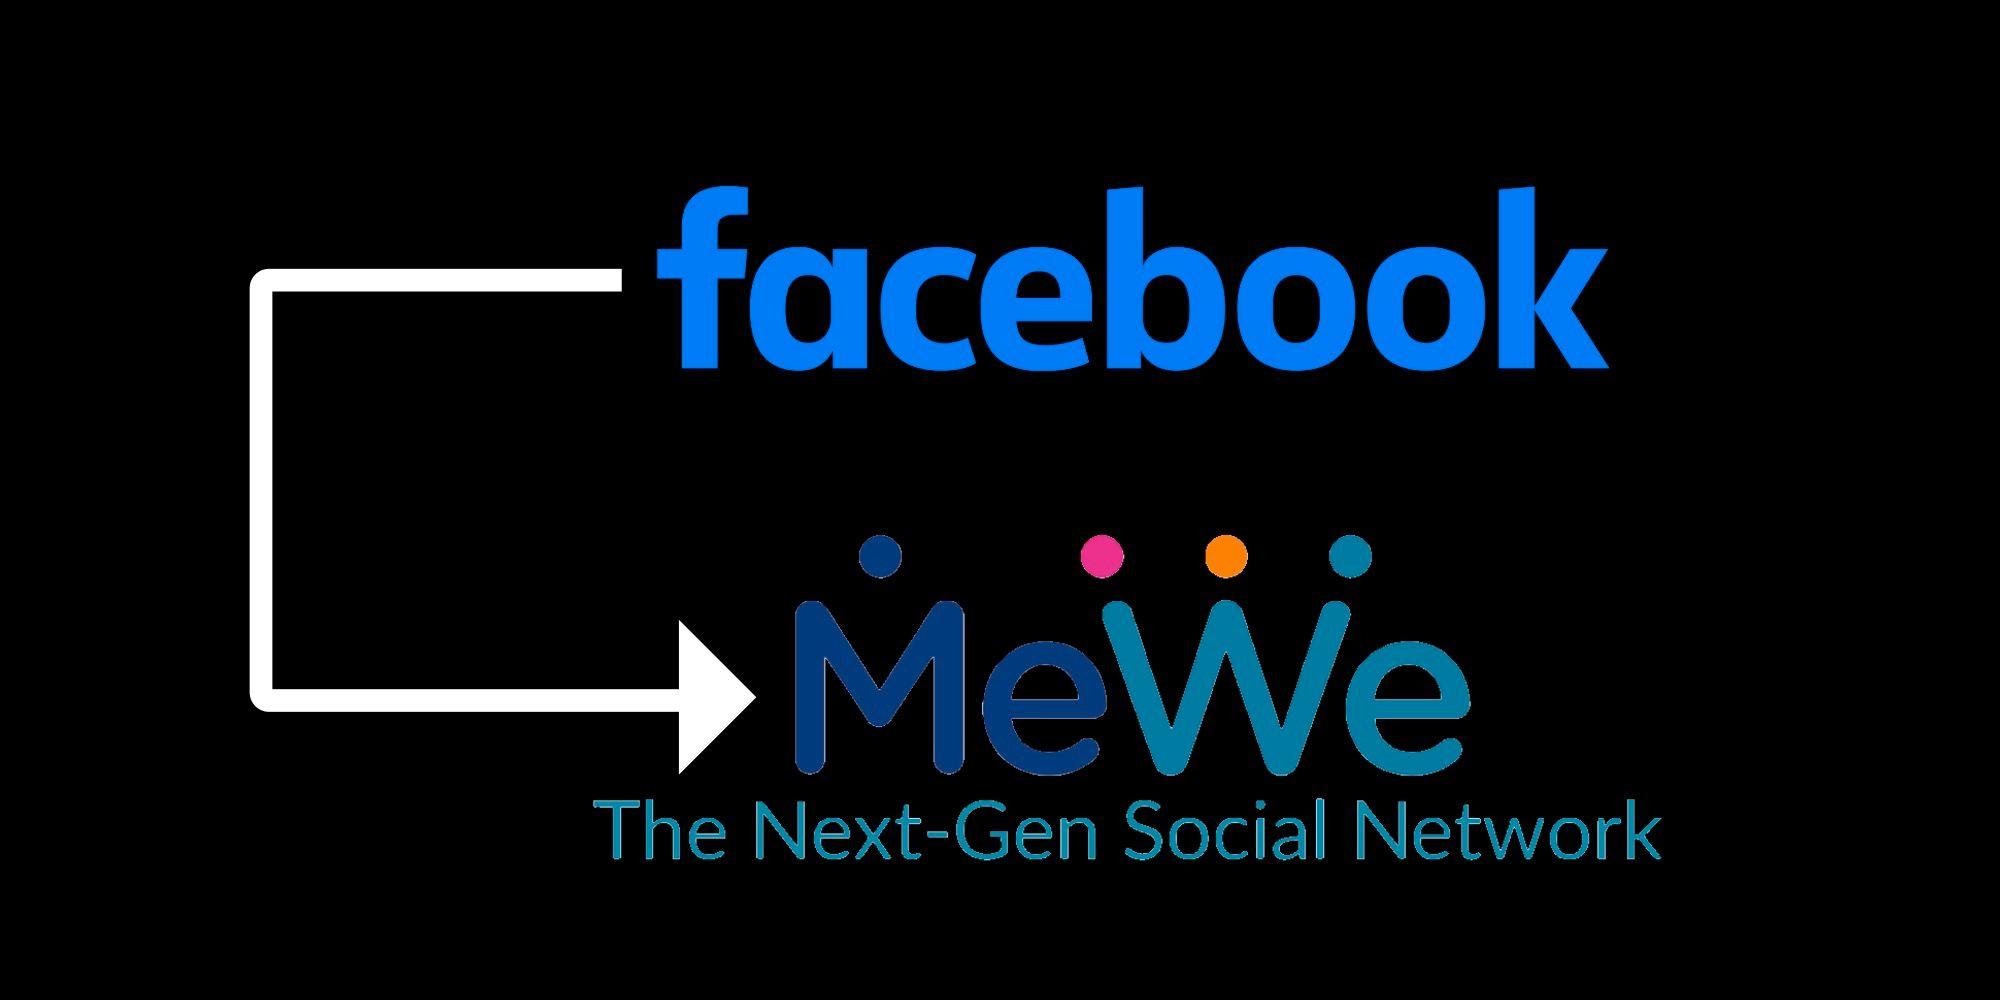 Đối thủ mới của Facebook tăng 2,5 triệu người đăng ký trong một tuần 1